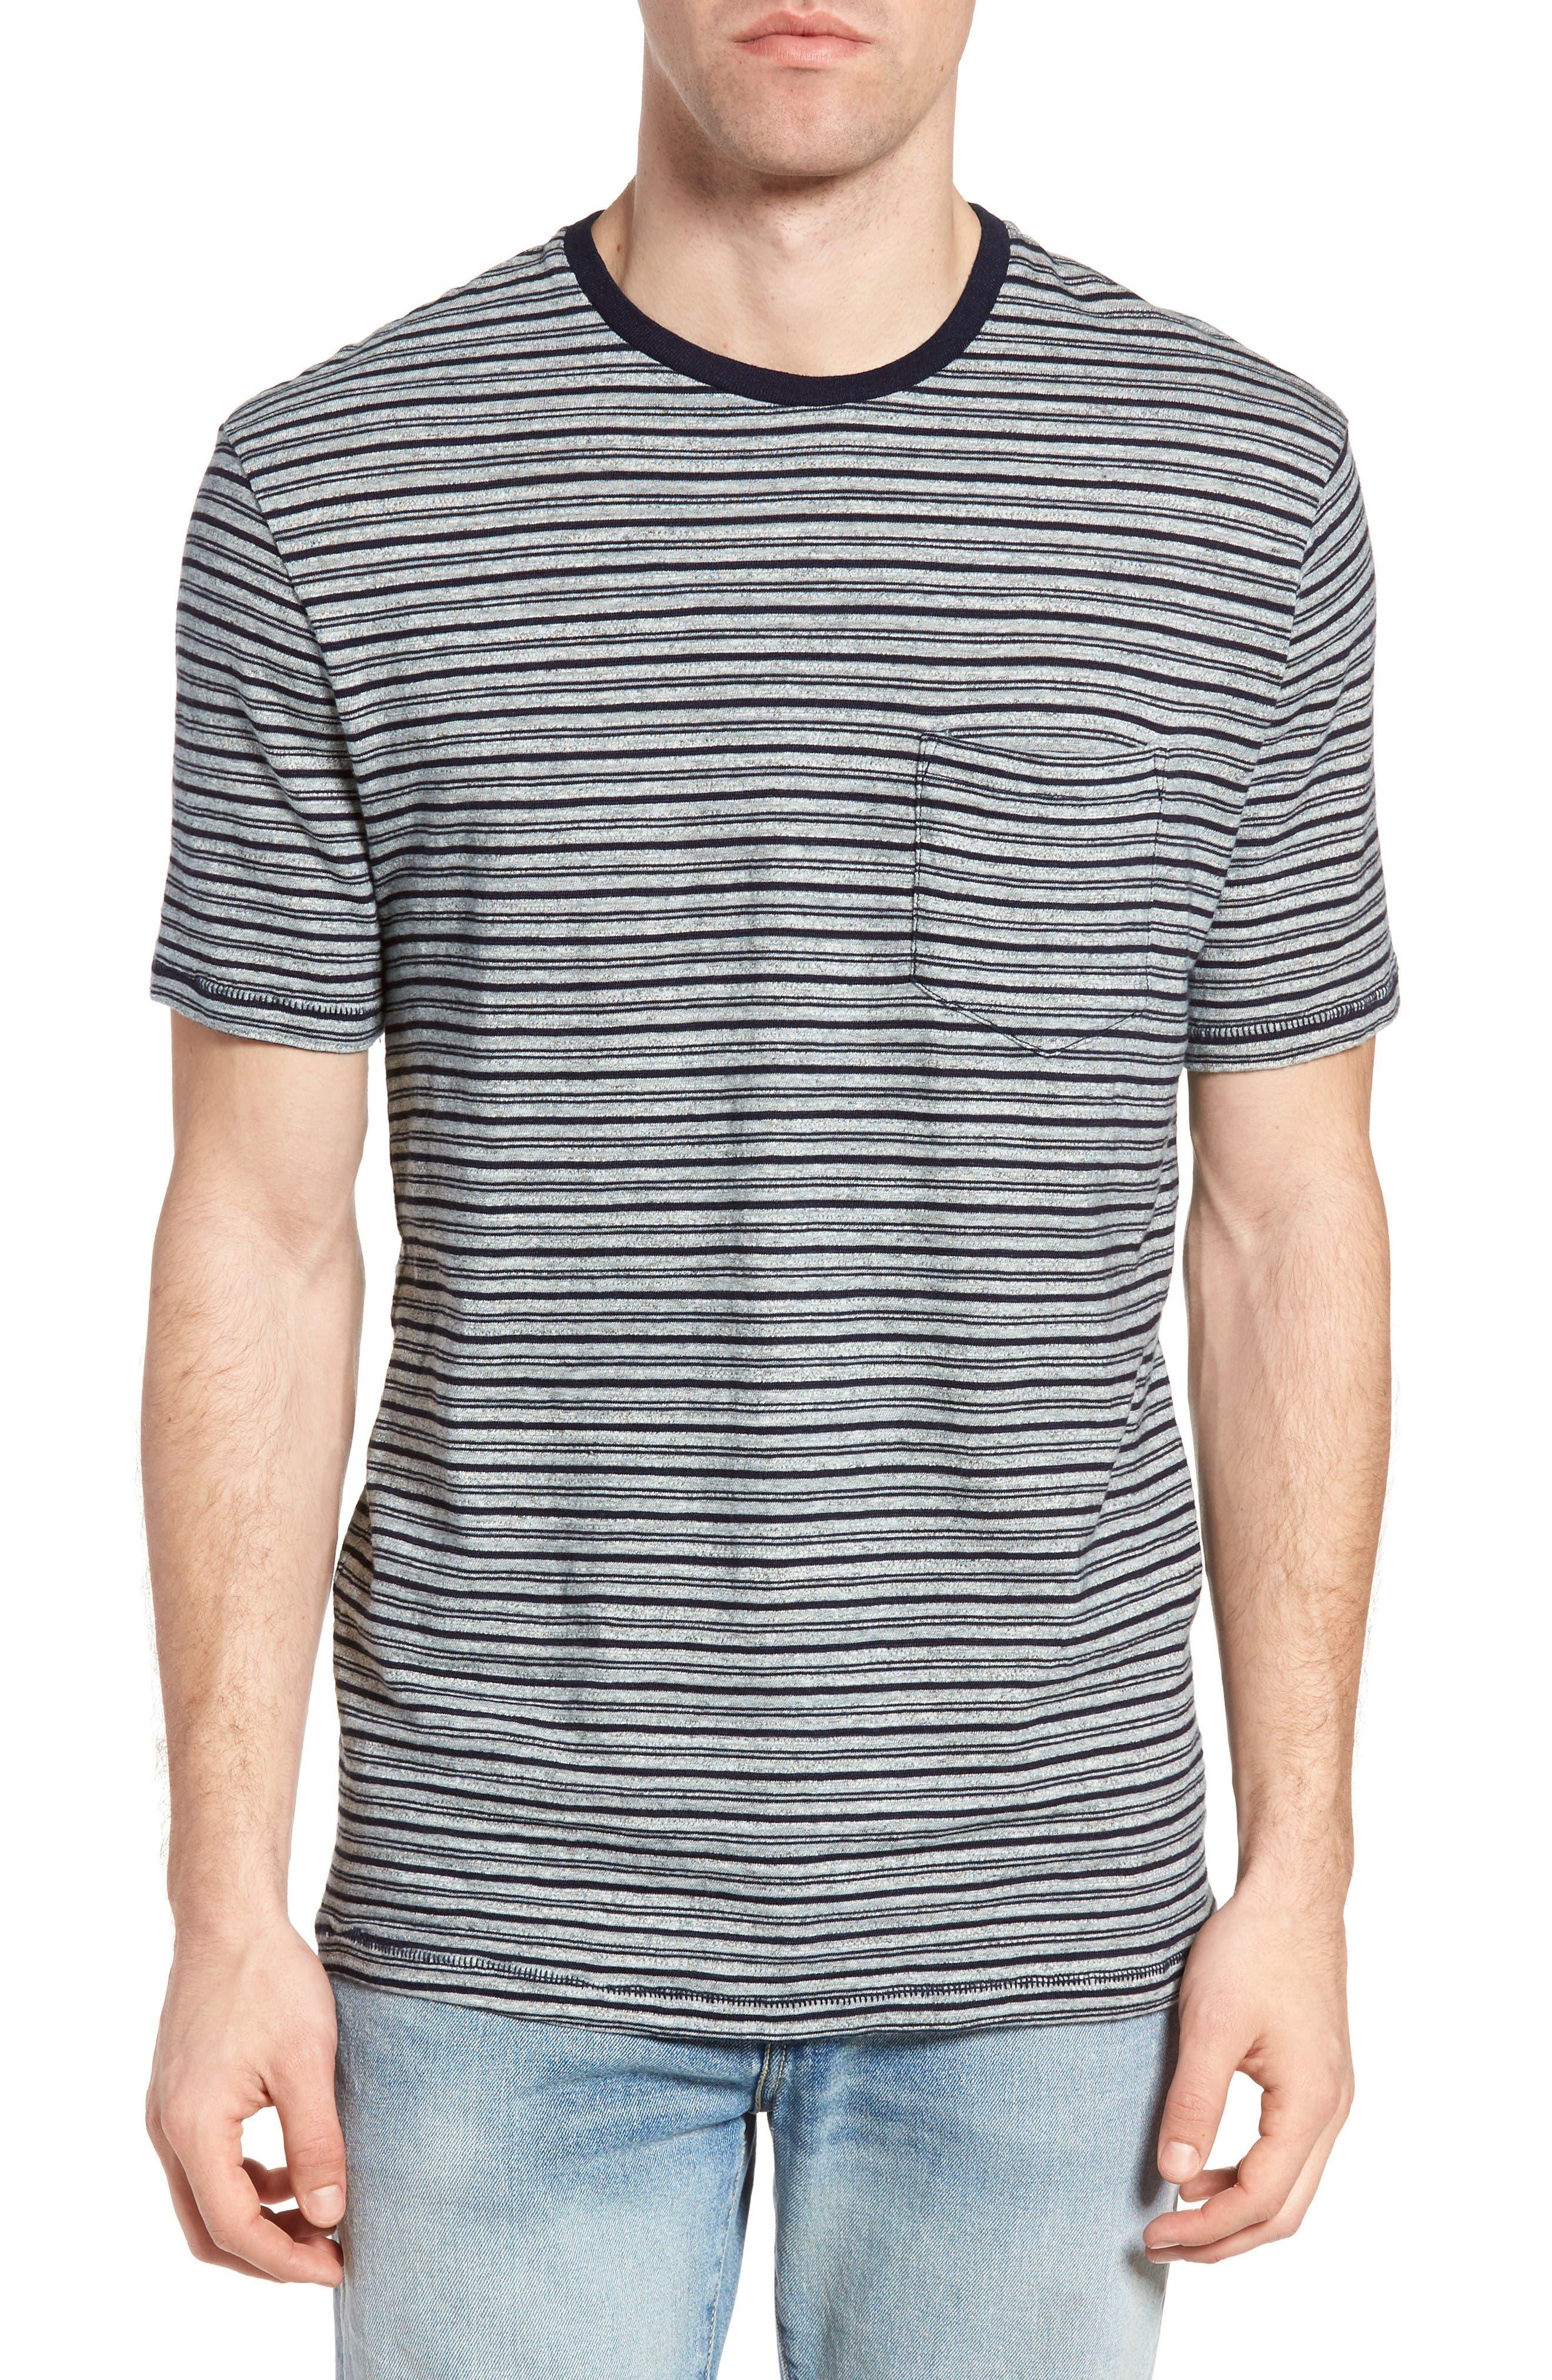 Main Image - True Grit Stripe Ringer T-Shirt